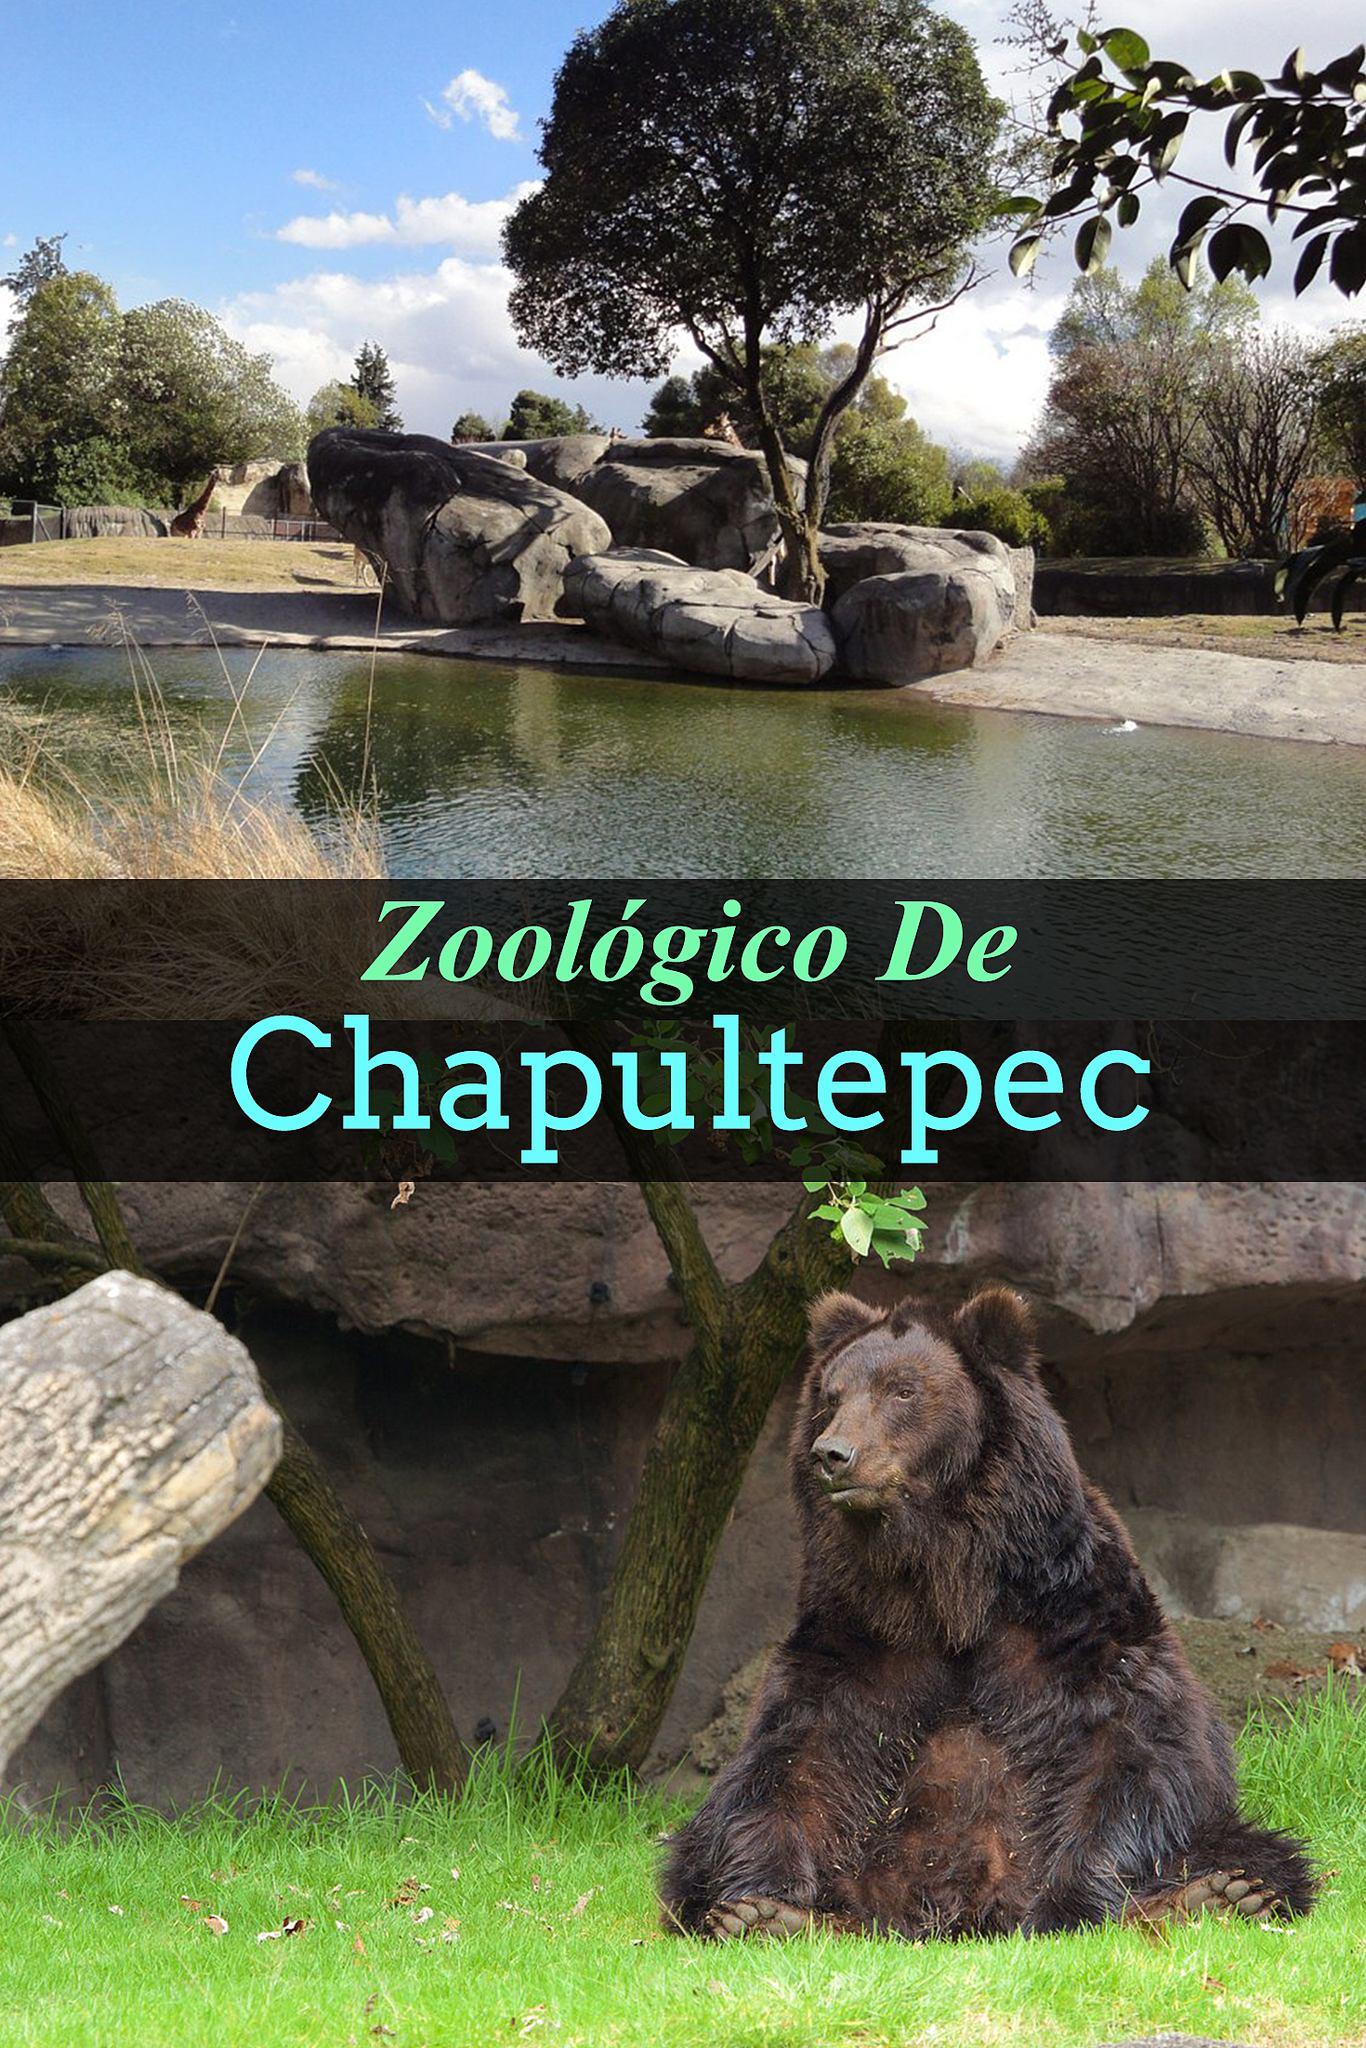 Resultado de imagen para zoologico chapultepec pics